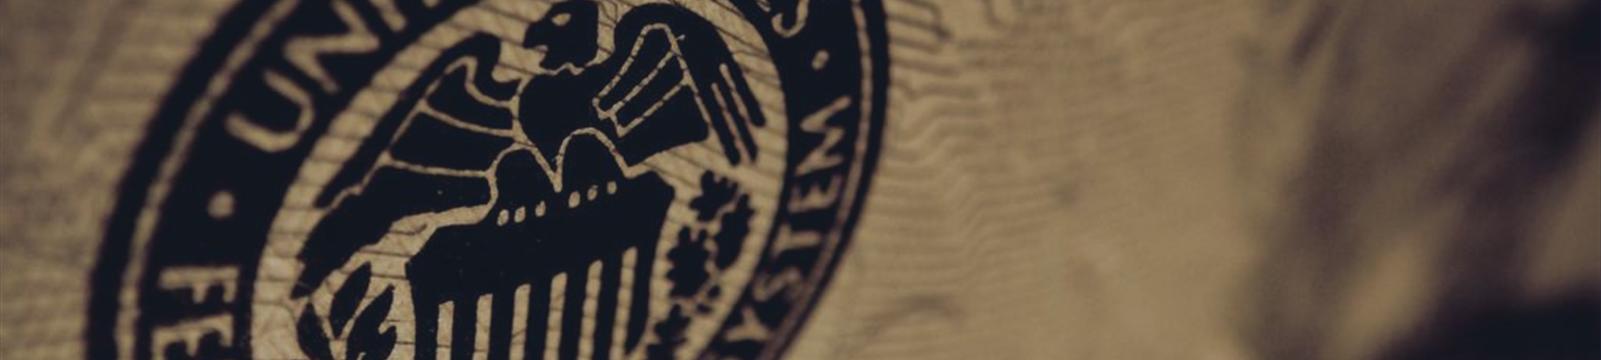 Банки США сильны как никогда – все тесты пройдены на «ура»